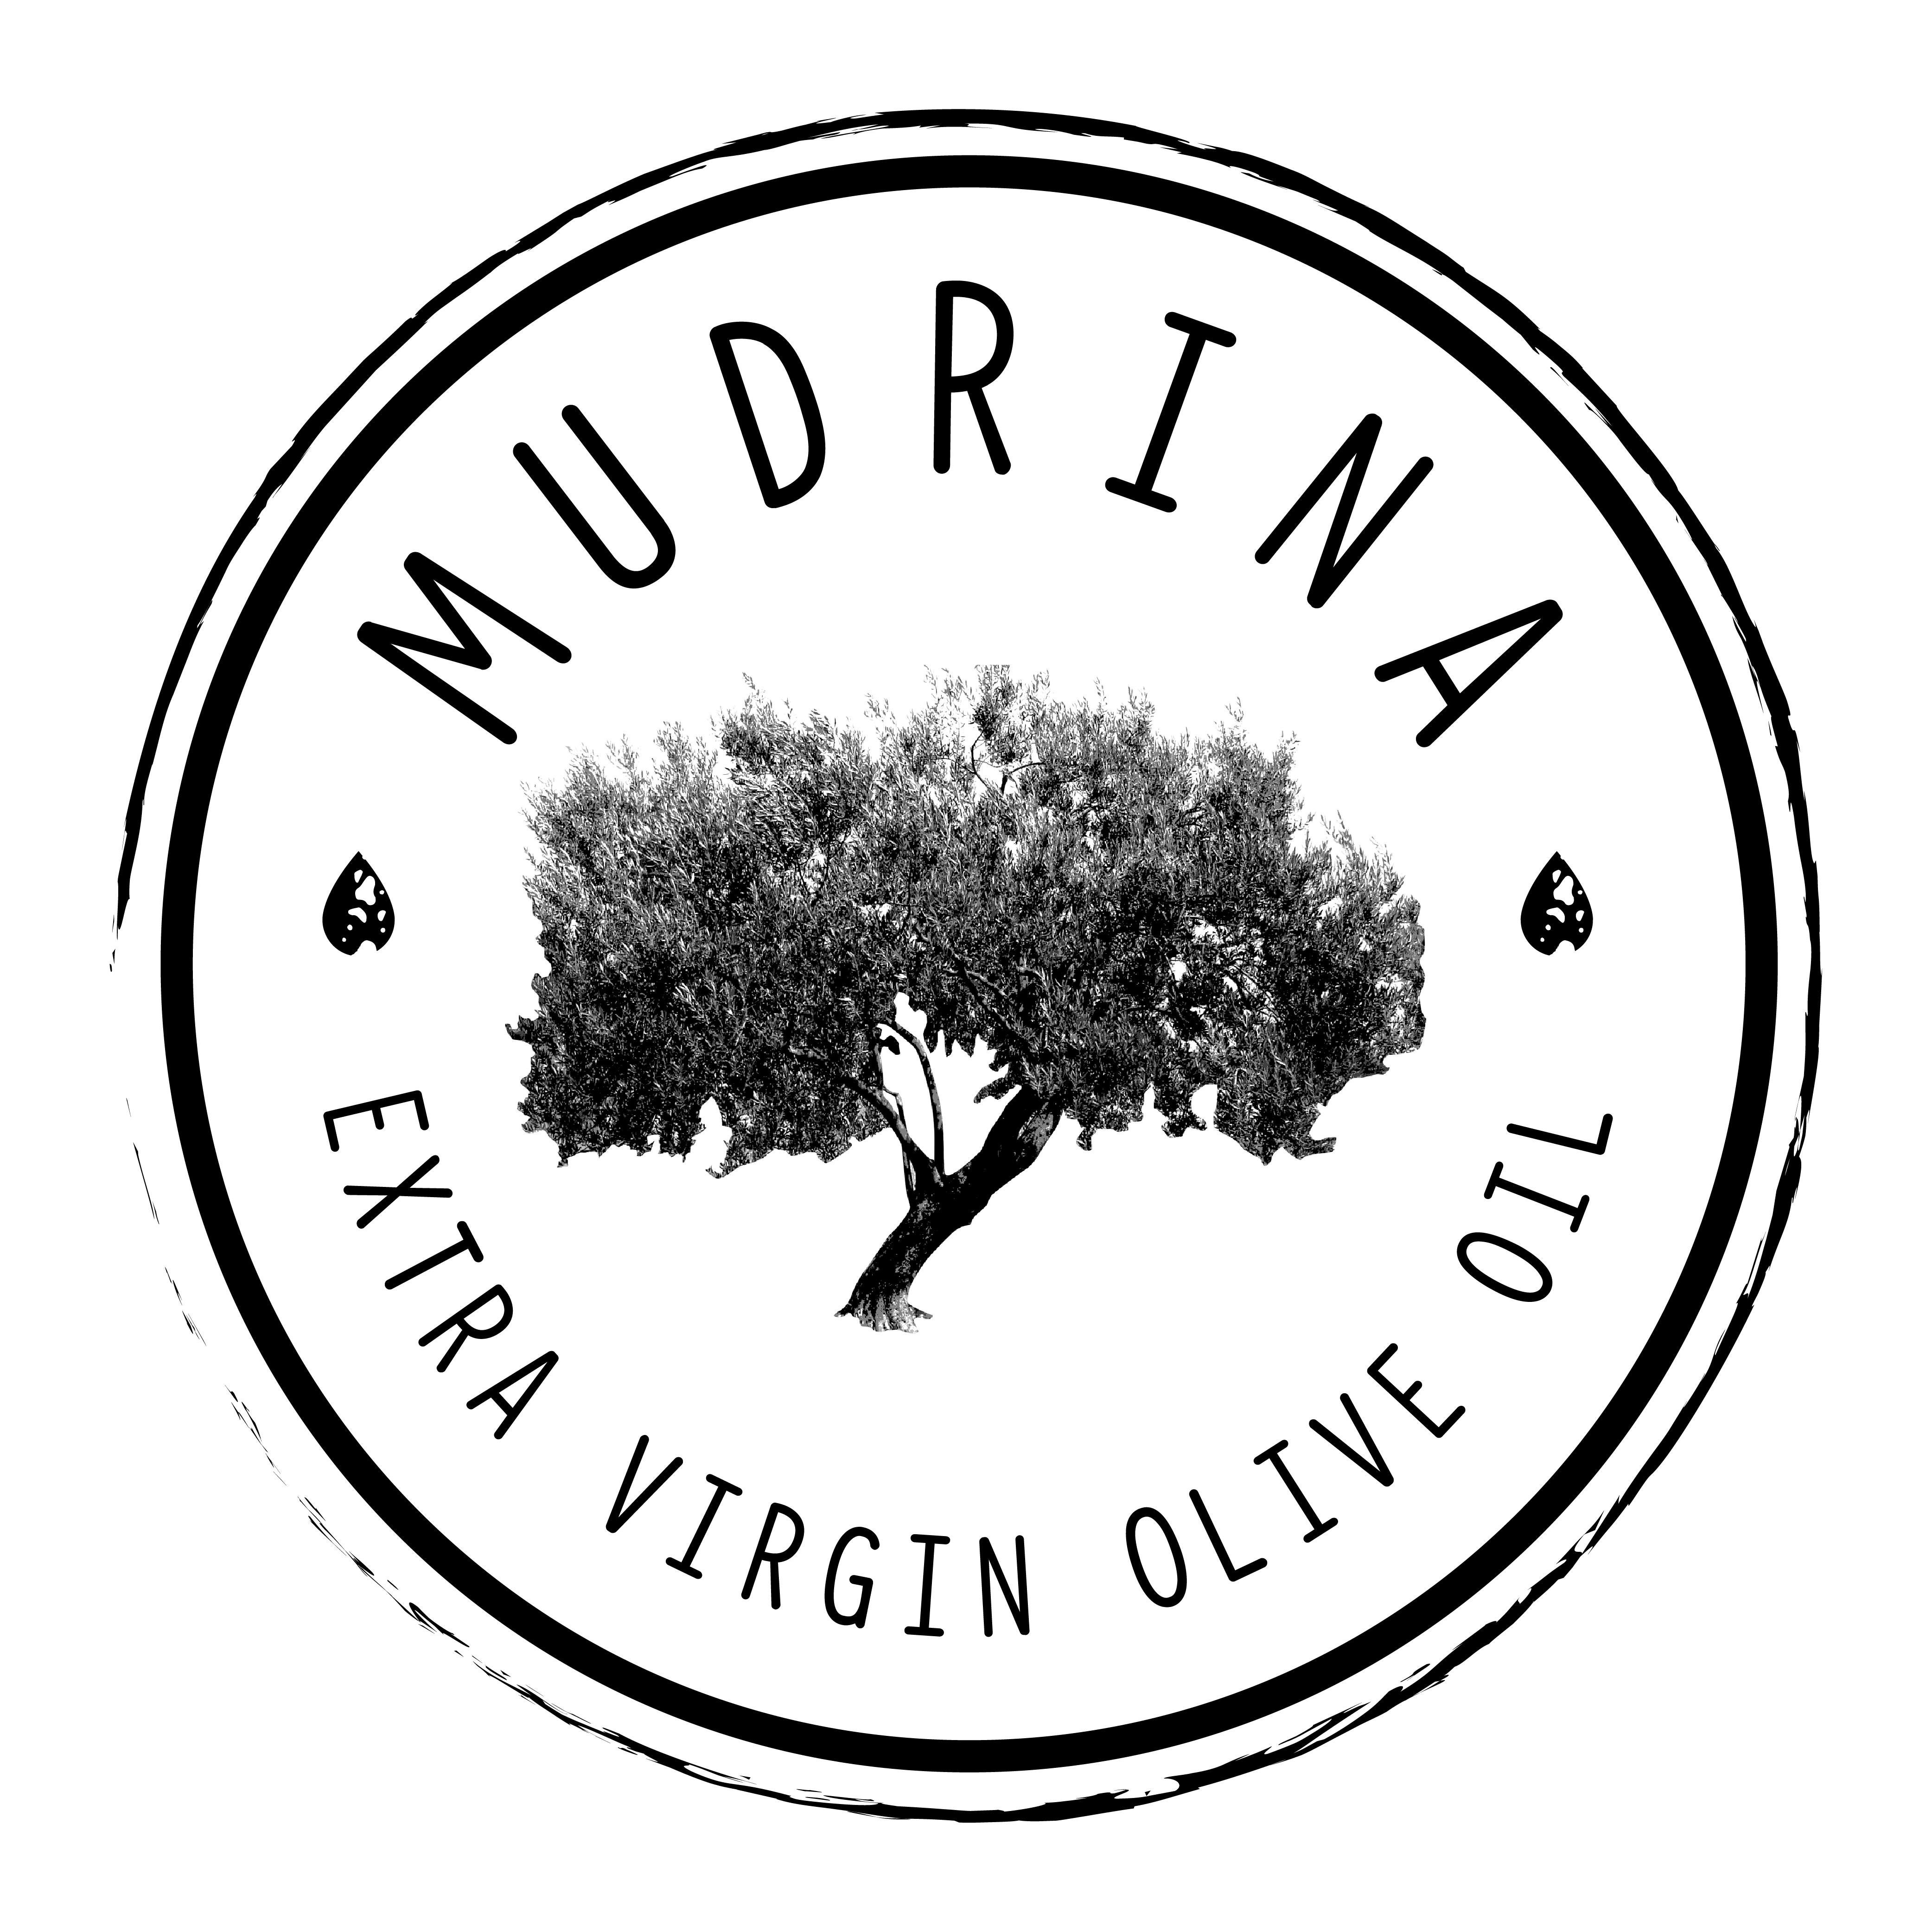 Mudrina Logo and Label Design